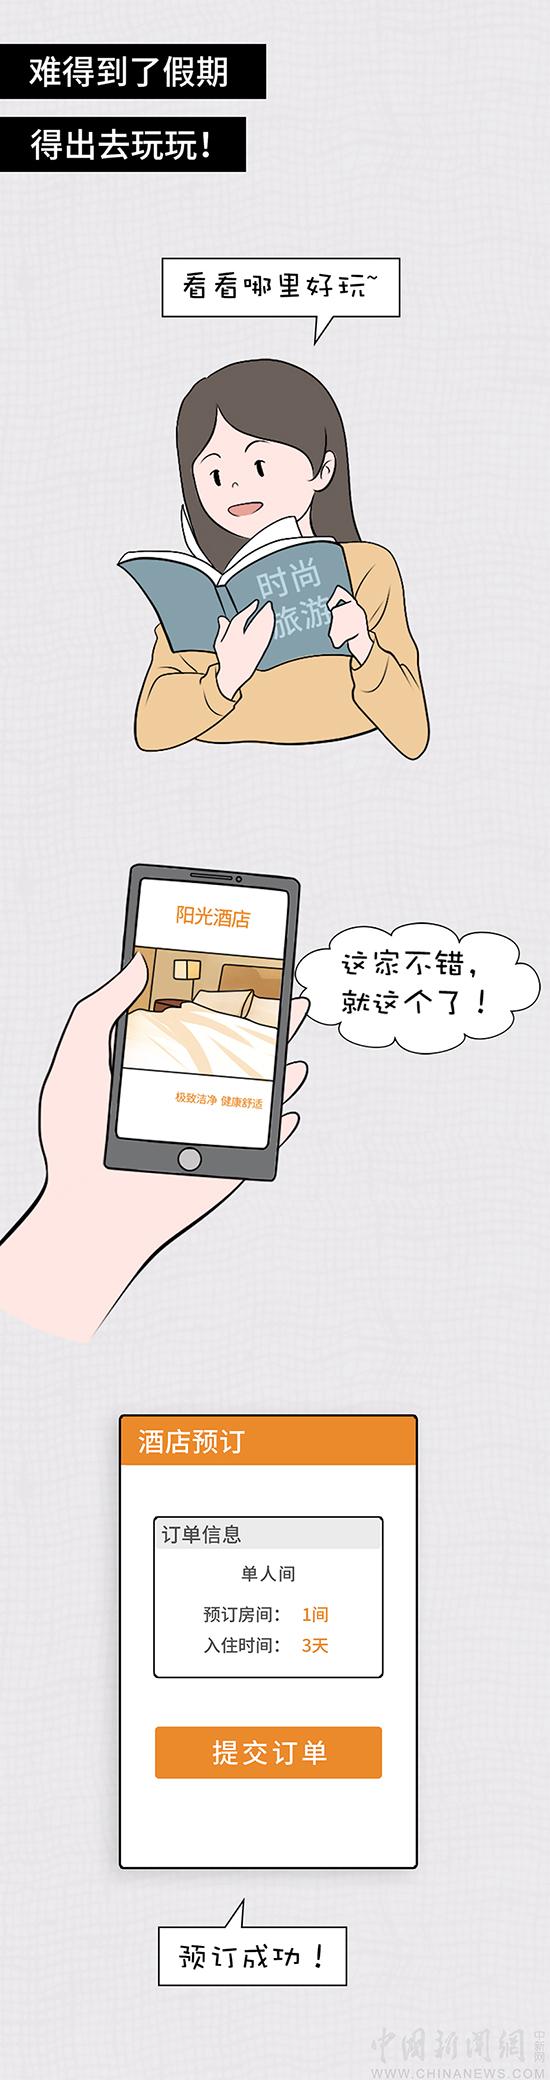 【漫画】外出住宿选择酒店,这些安全提醒千万牢记